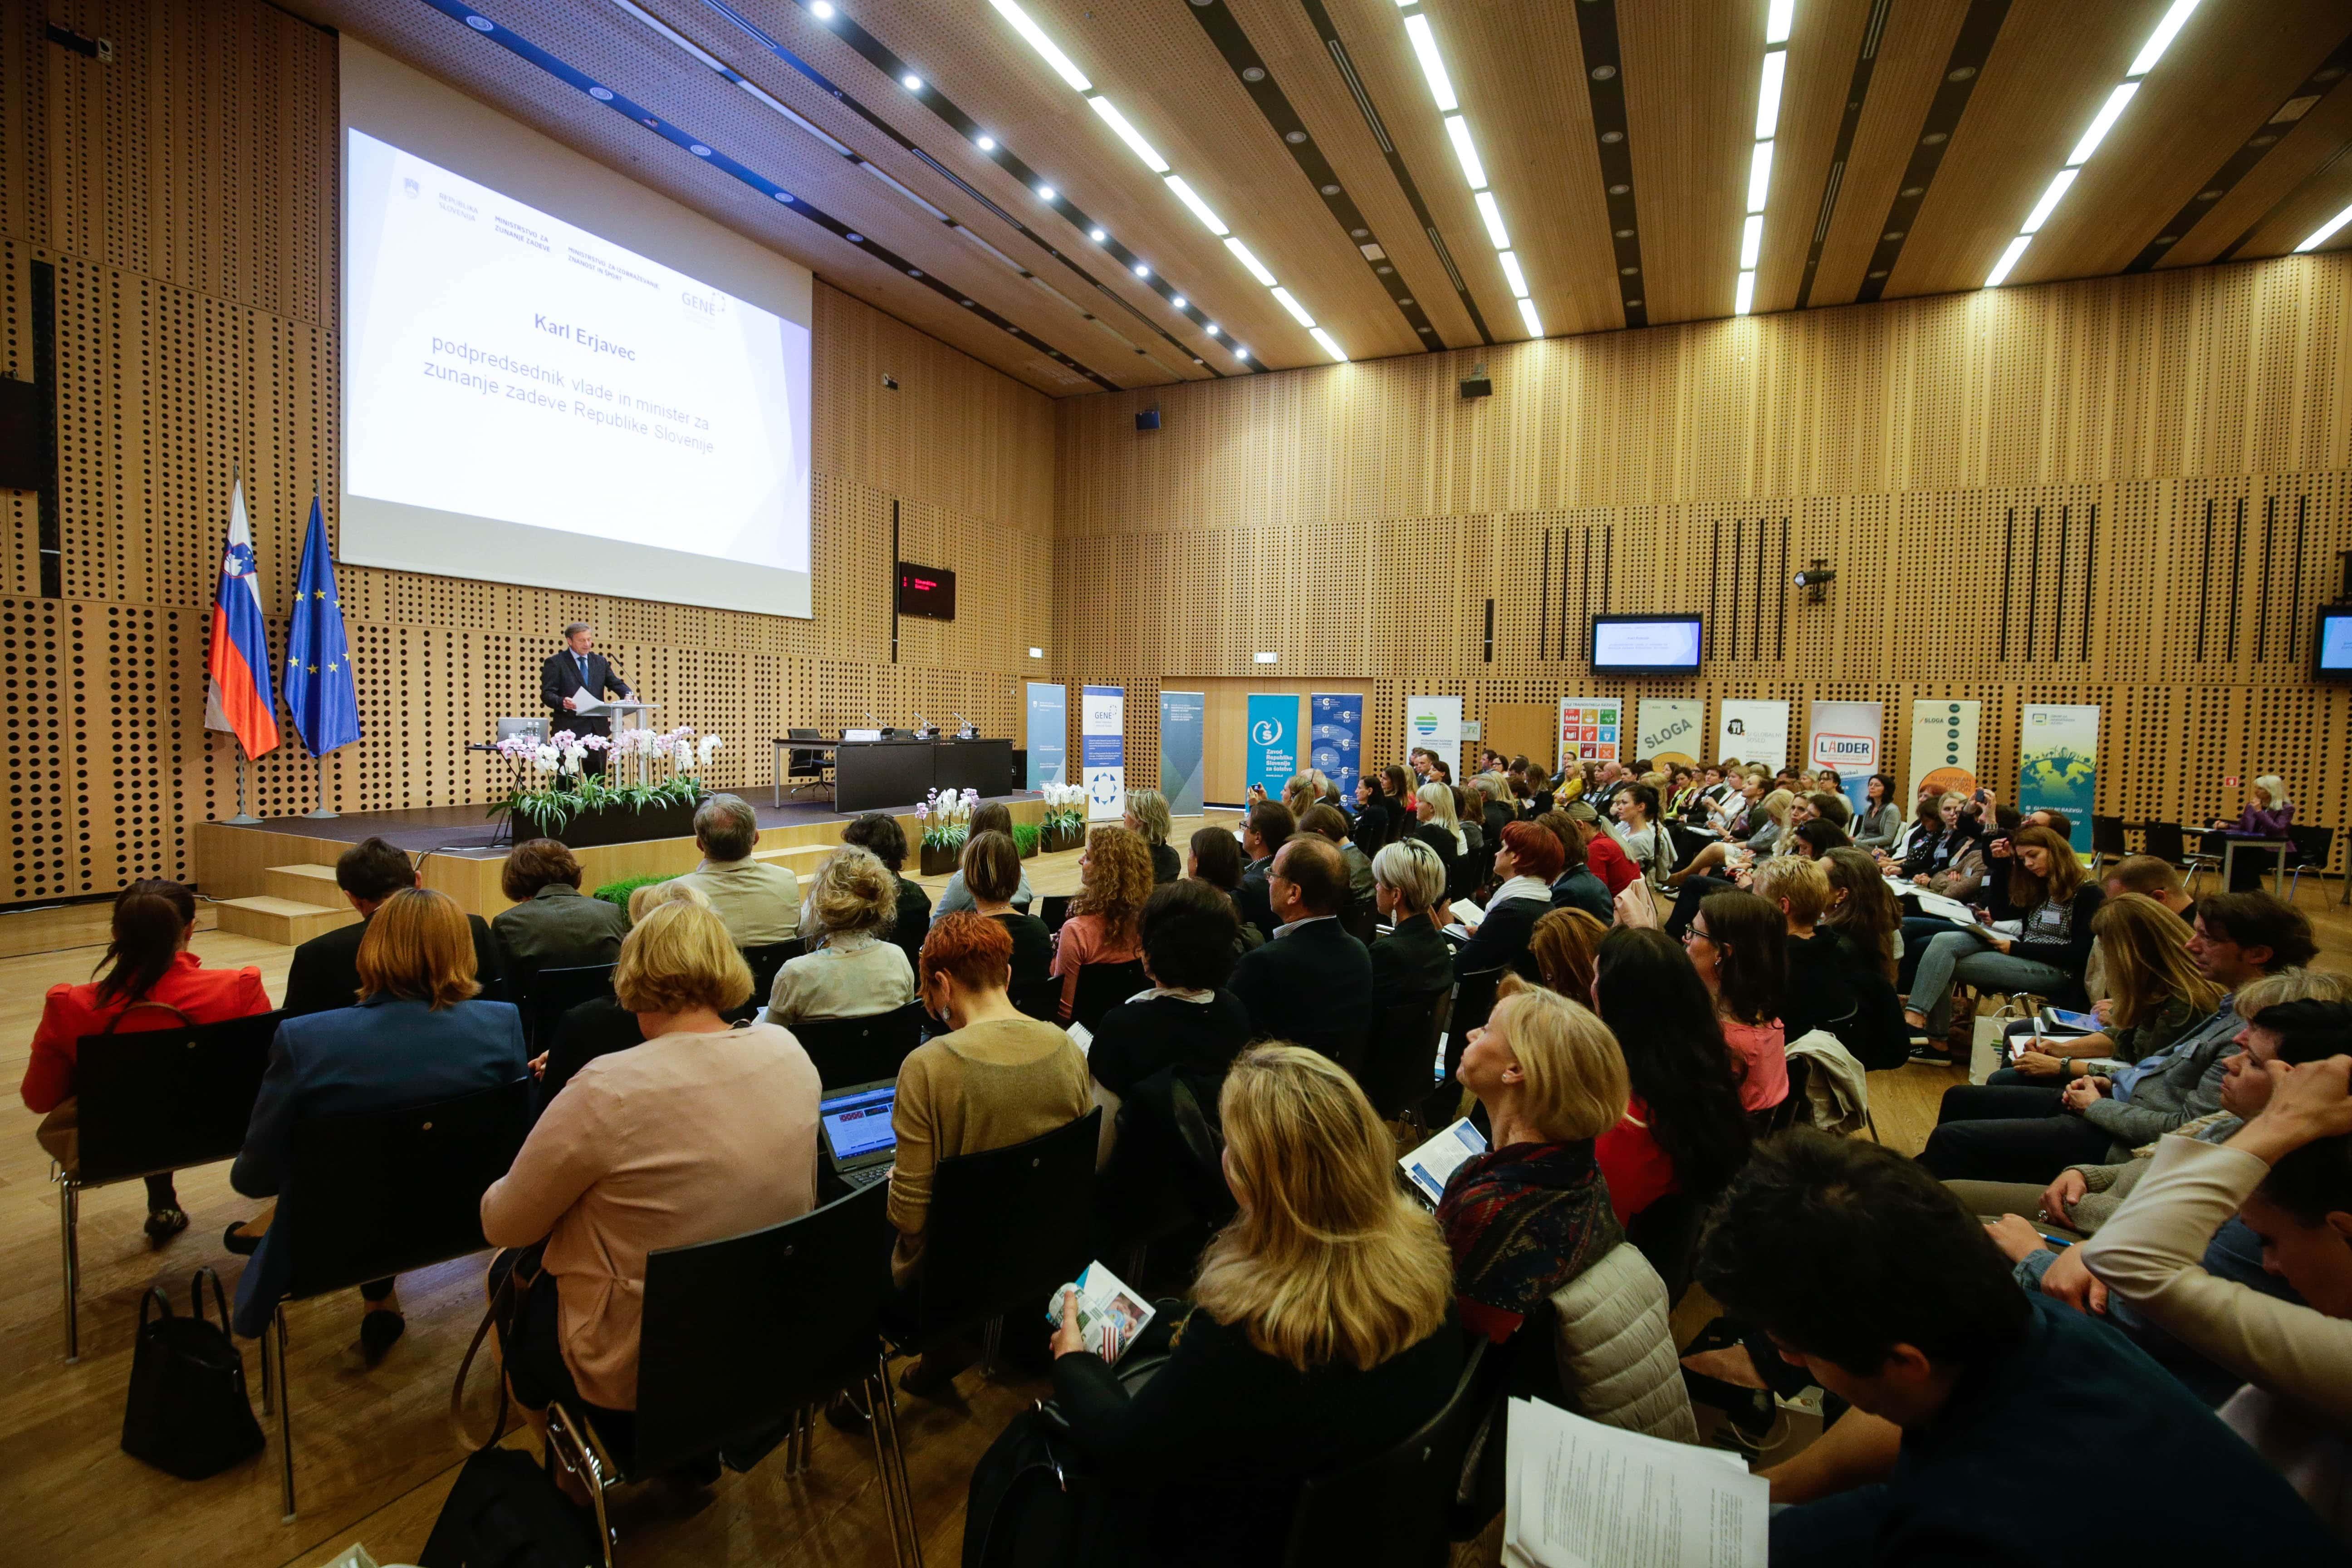 Zaključki in zapis Nacionalnega foruma o globalnem učenju ter vzgoji in izobraževanju za trajnostni razvoj